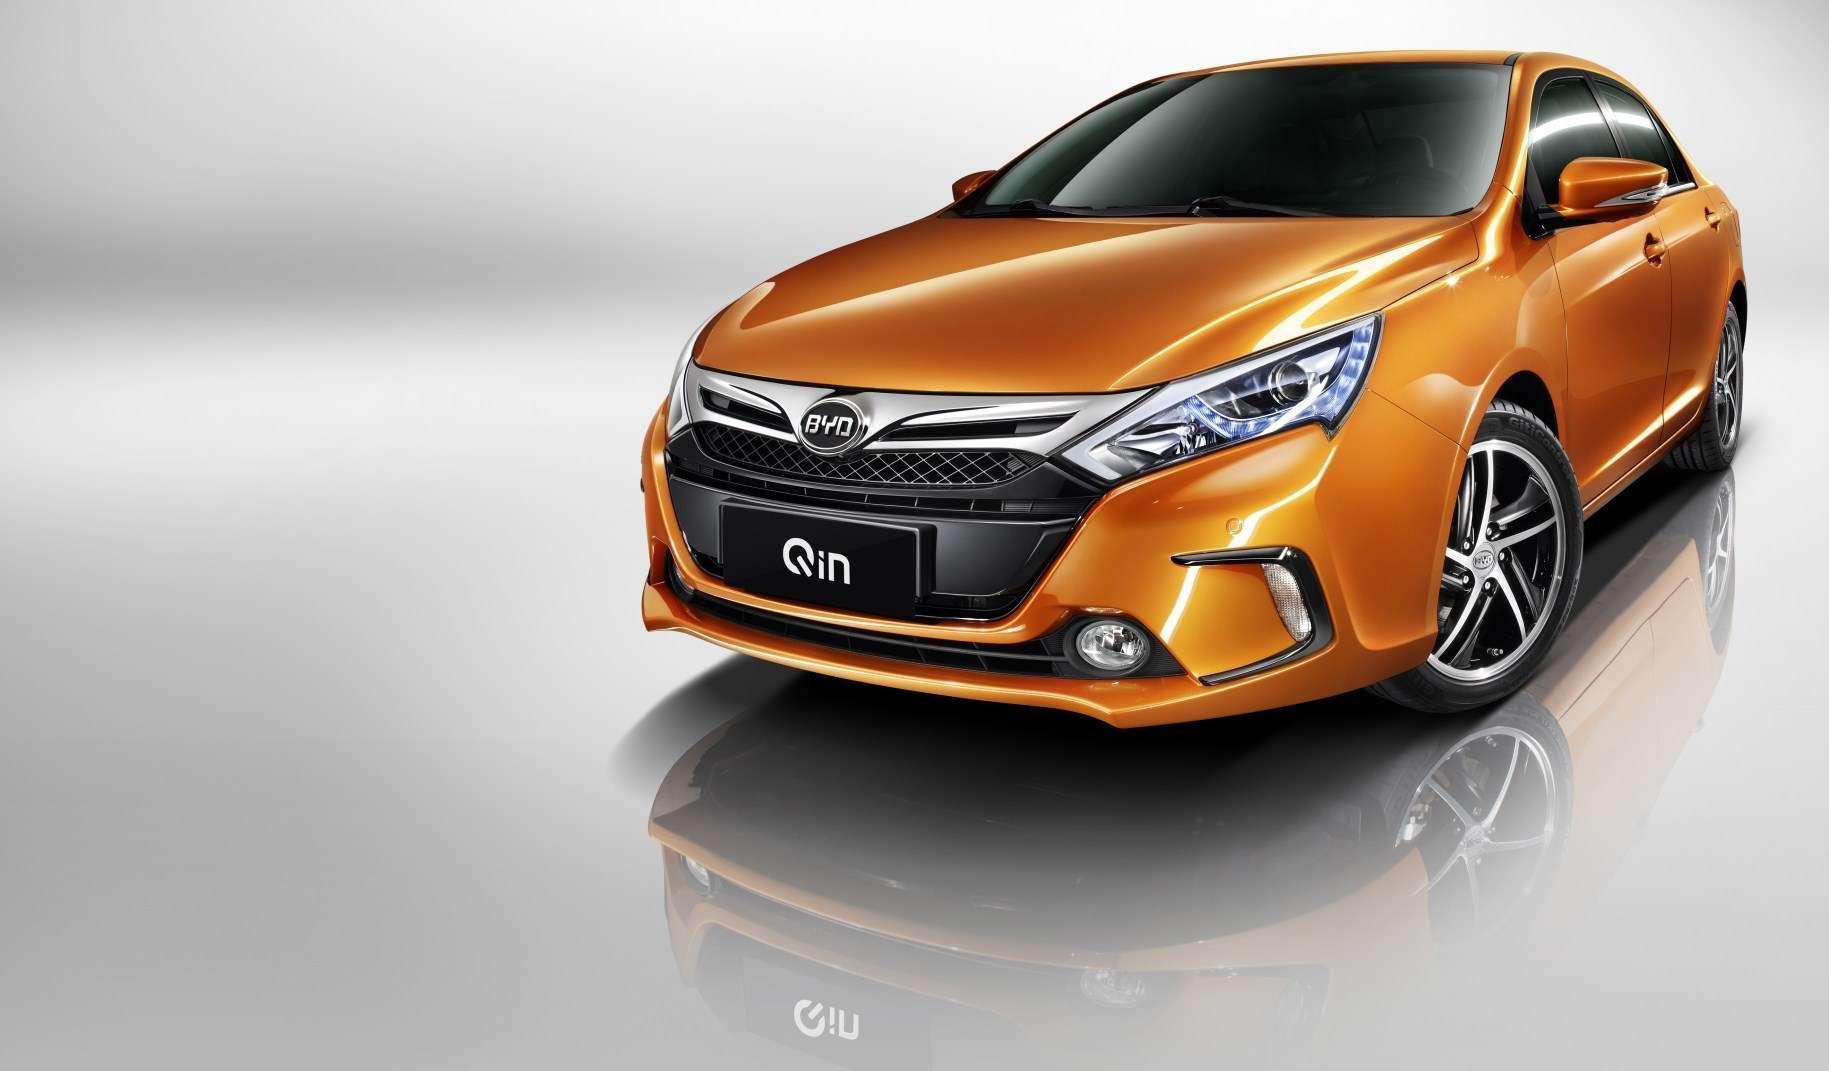 Aktualne TOP 10 | Chińskie samochody • AutoCentrum.pl MJ55